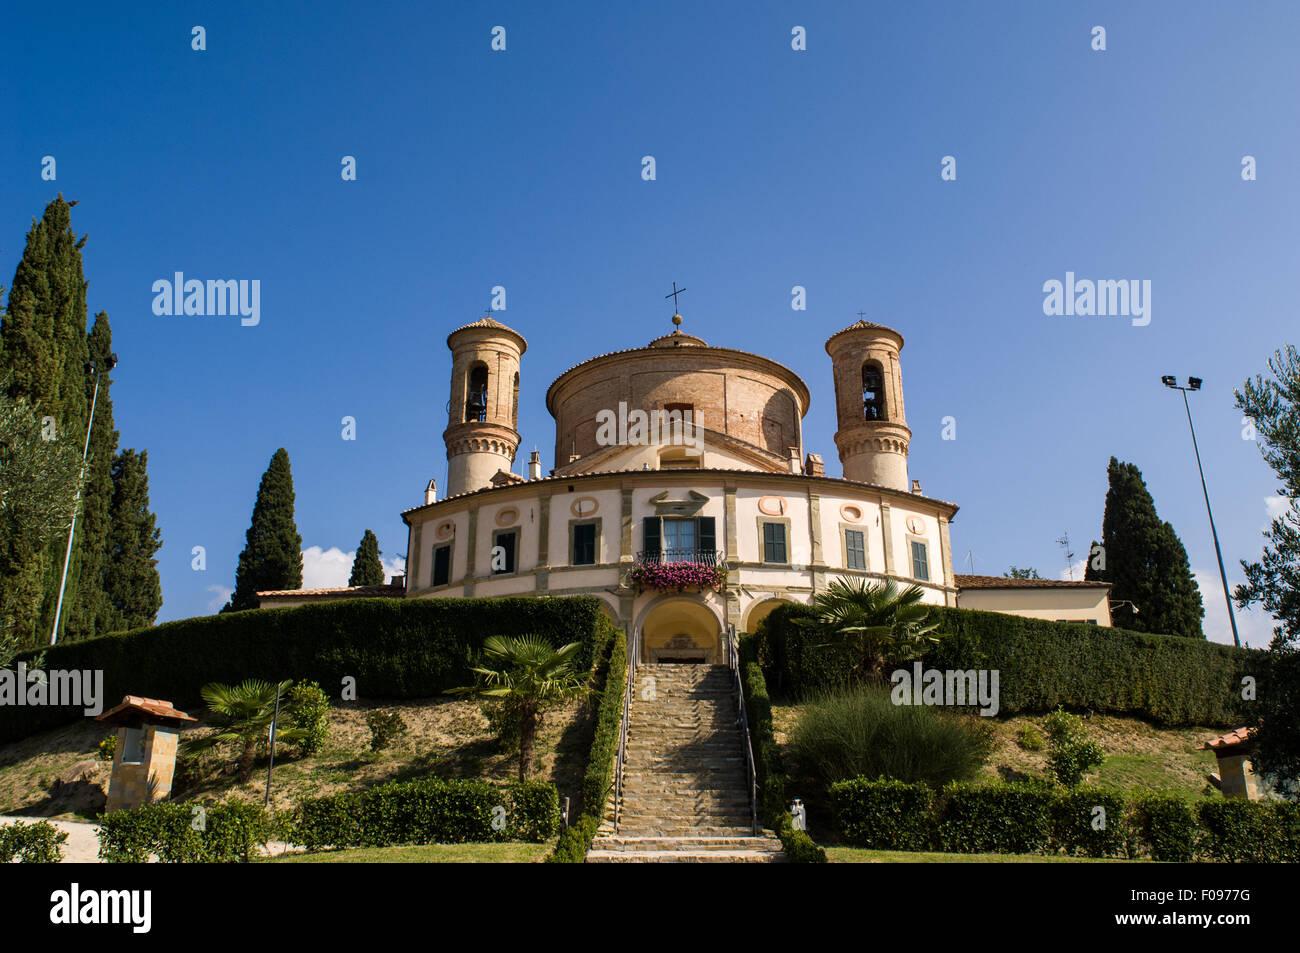 Umbria, Italy. The Santuario della Madonna di Belvedere (Sanctuary of the Madonna of Belvedere) Citta di Castello, - Stock Image